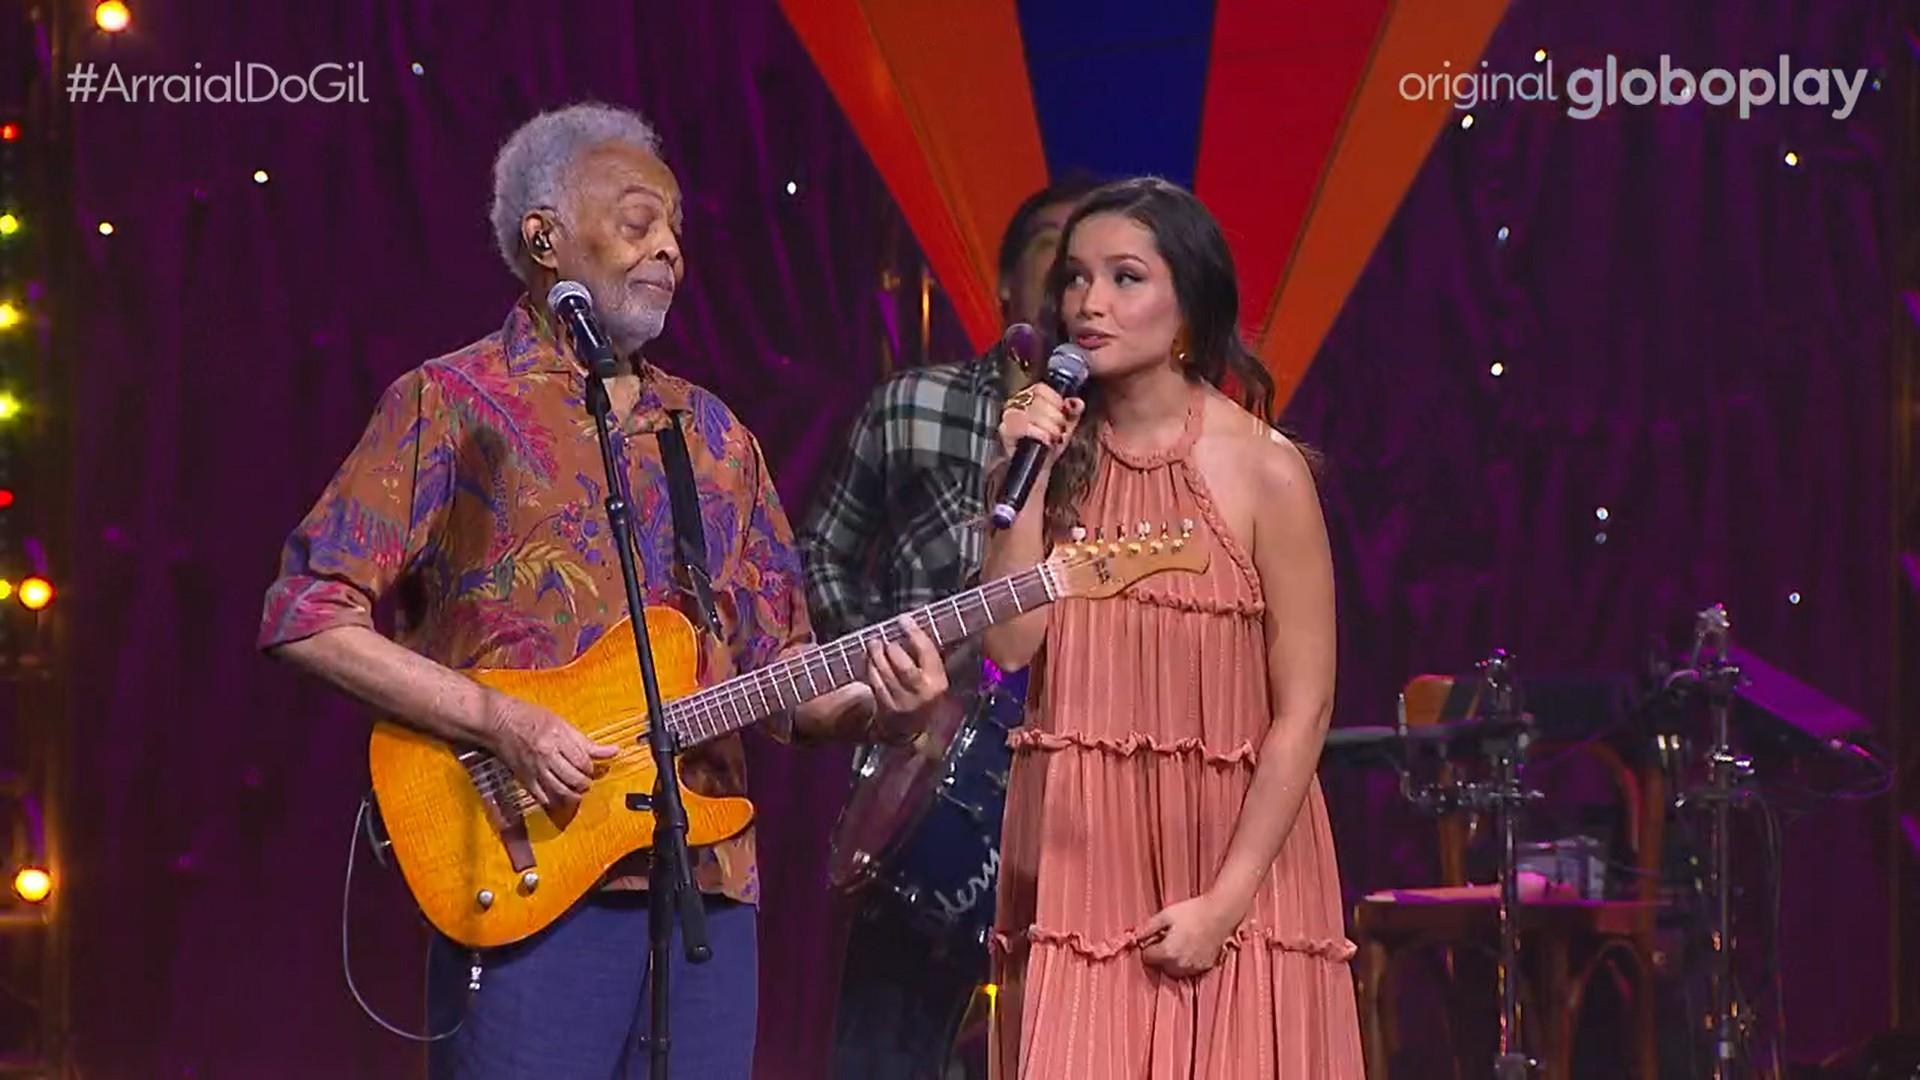 Juliette se emociona em live com Gilberto Gil: 'É uma energia tão linda'